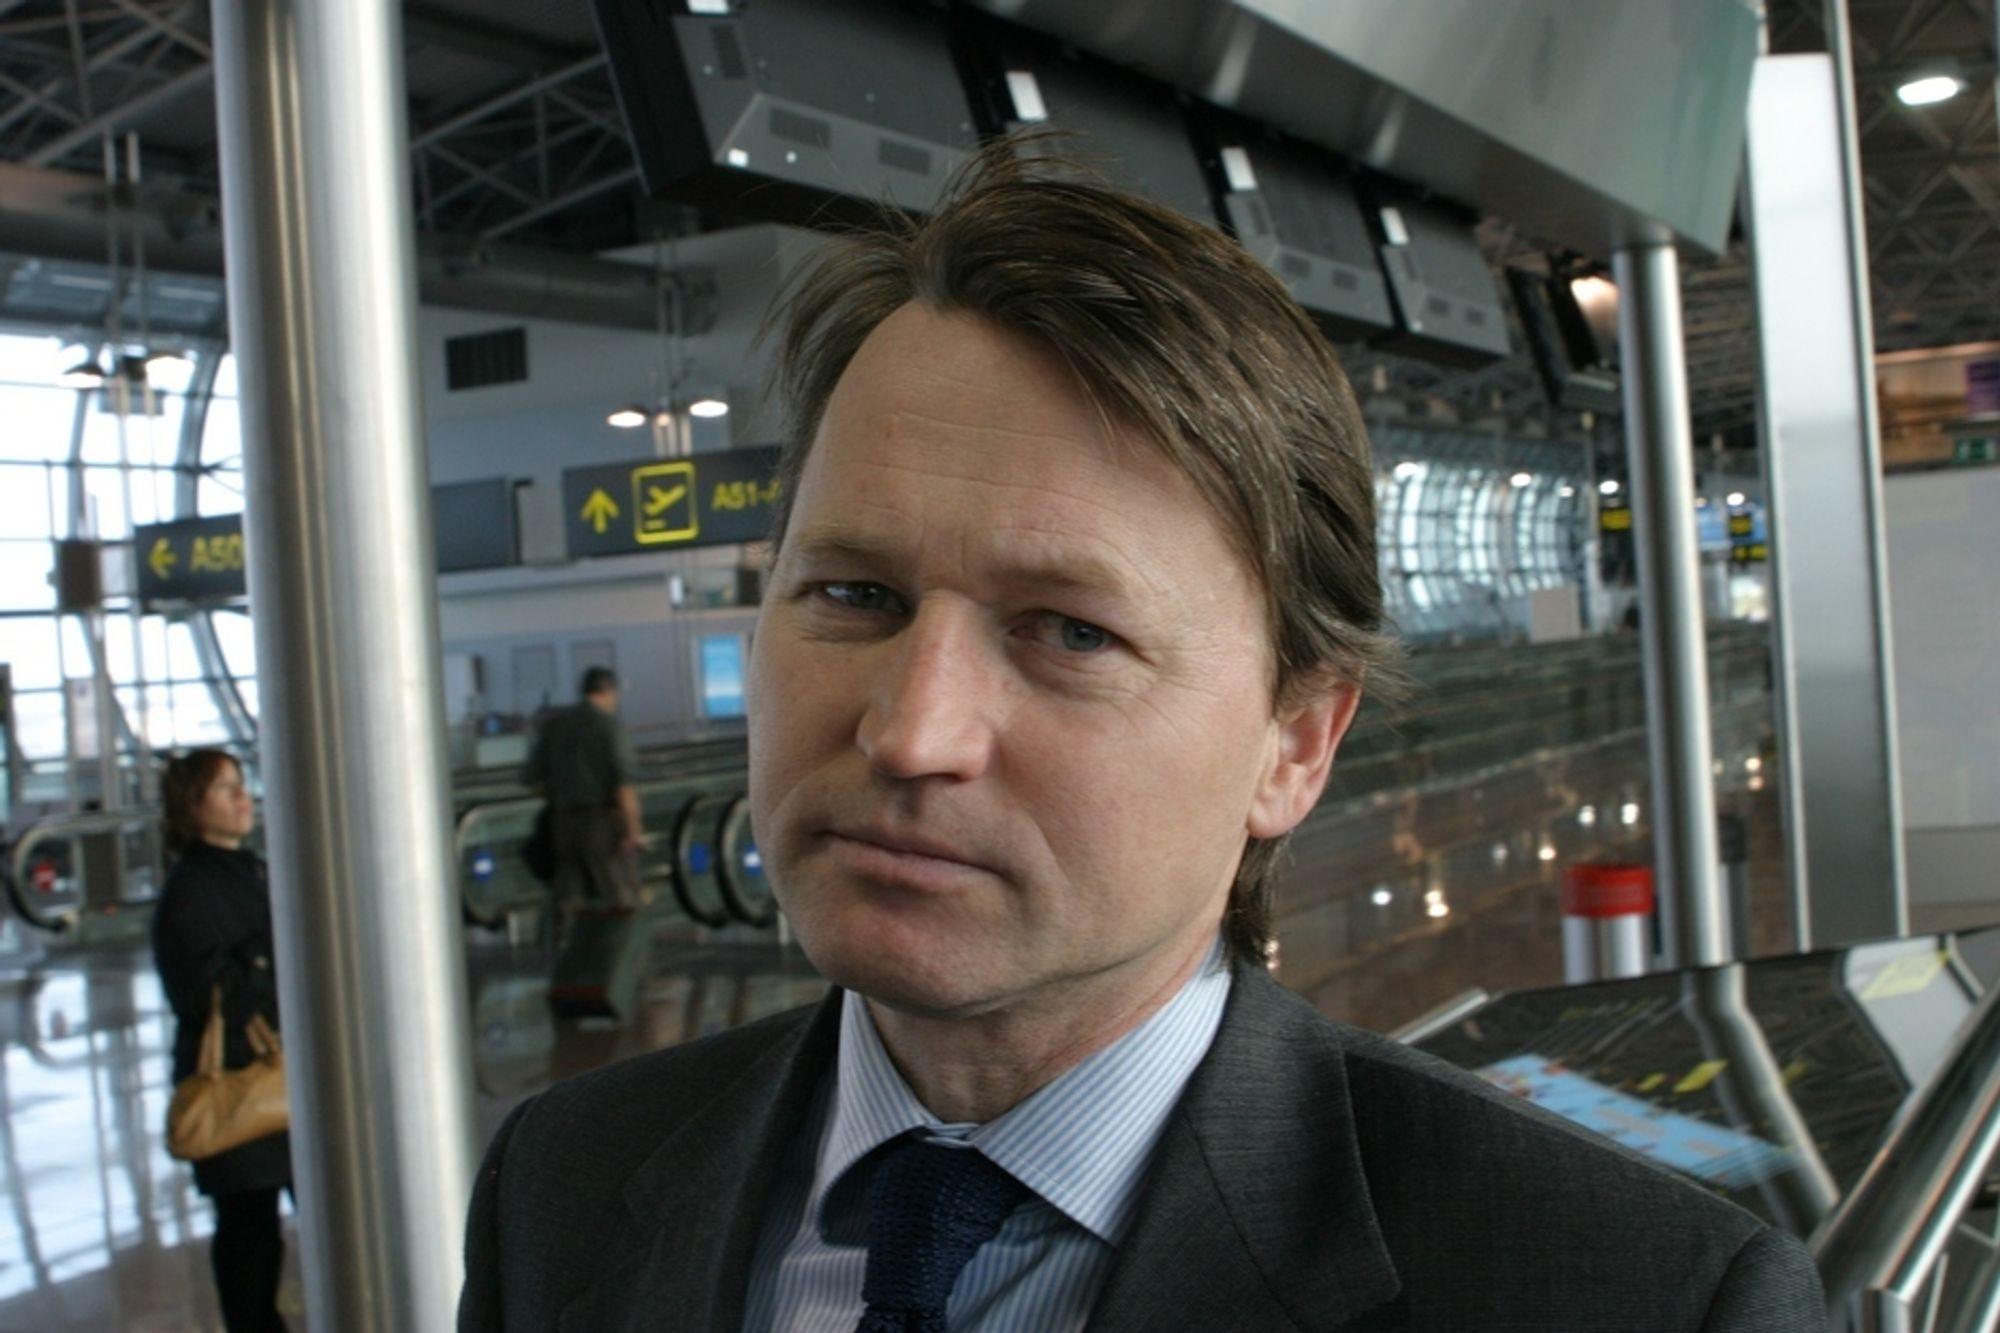 FORSVARER FORNYBARDIREKTIVET: EU-entusiasten Paal Frisvold mener økonomiprofessor Michael Hoel misforstår intensjonen bak EUs fornybardirektiv.